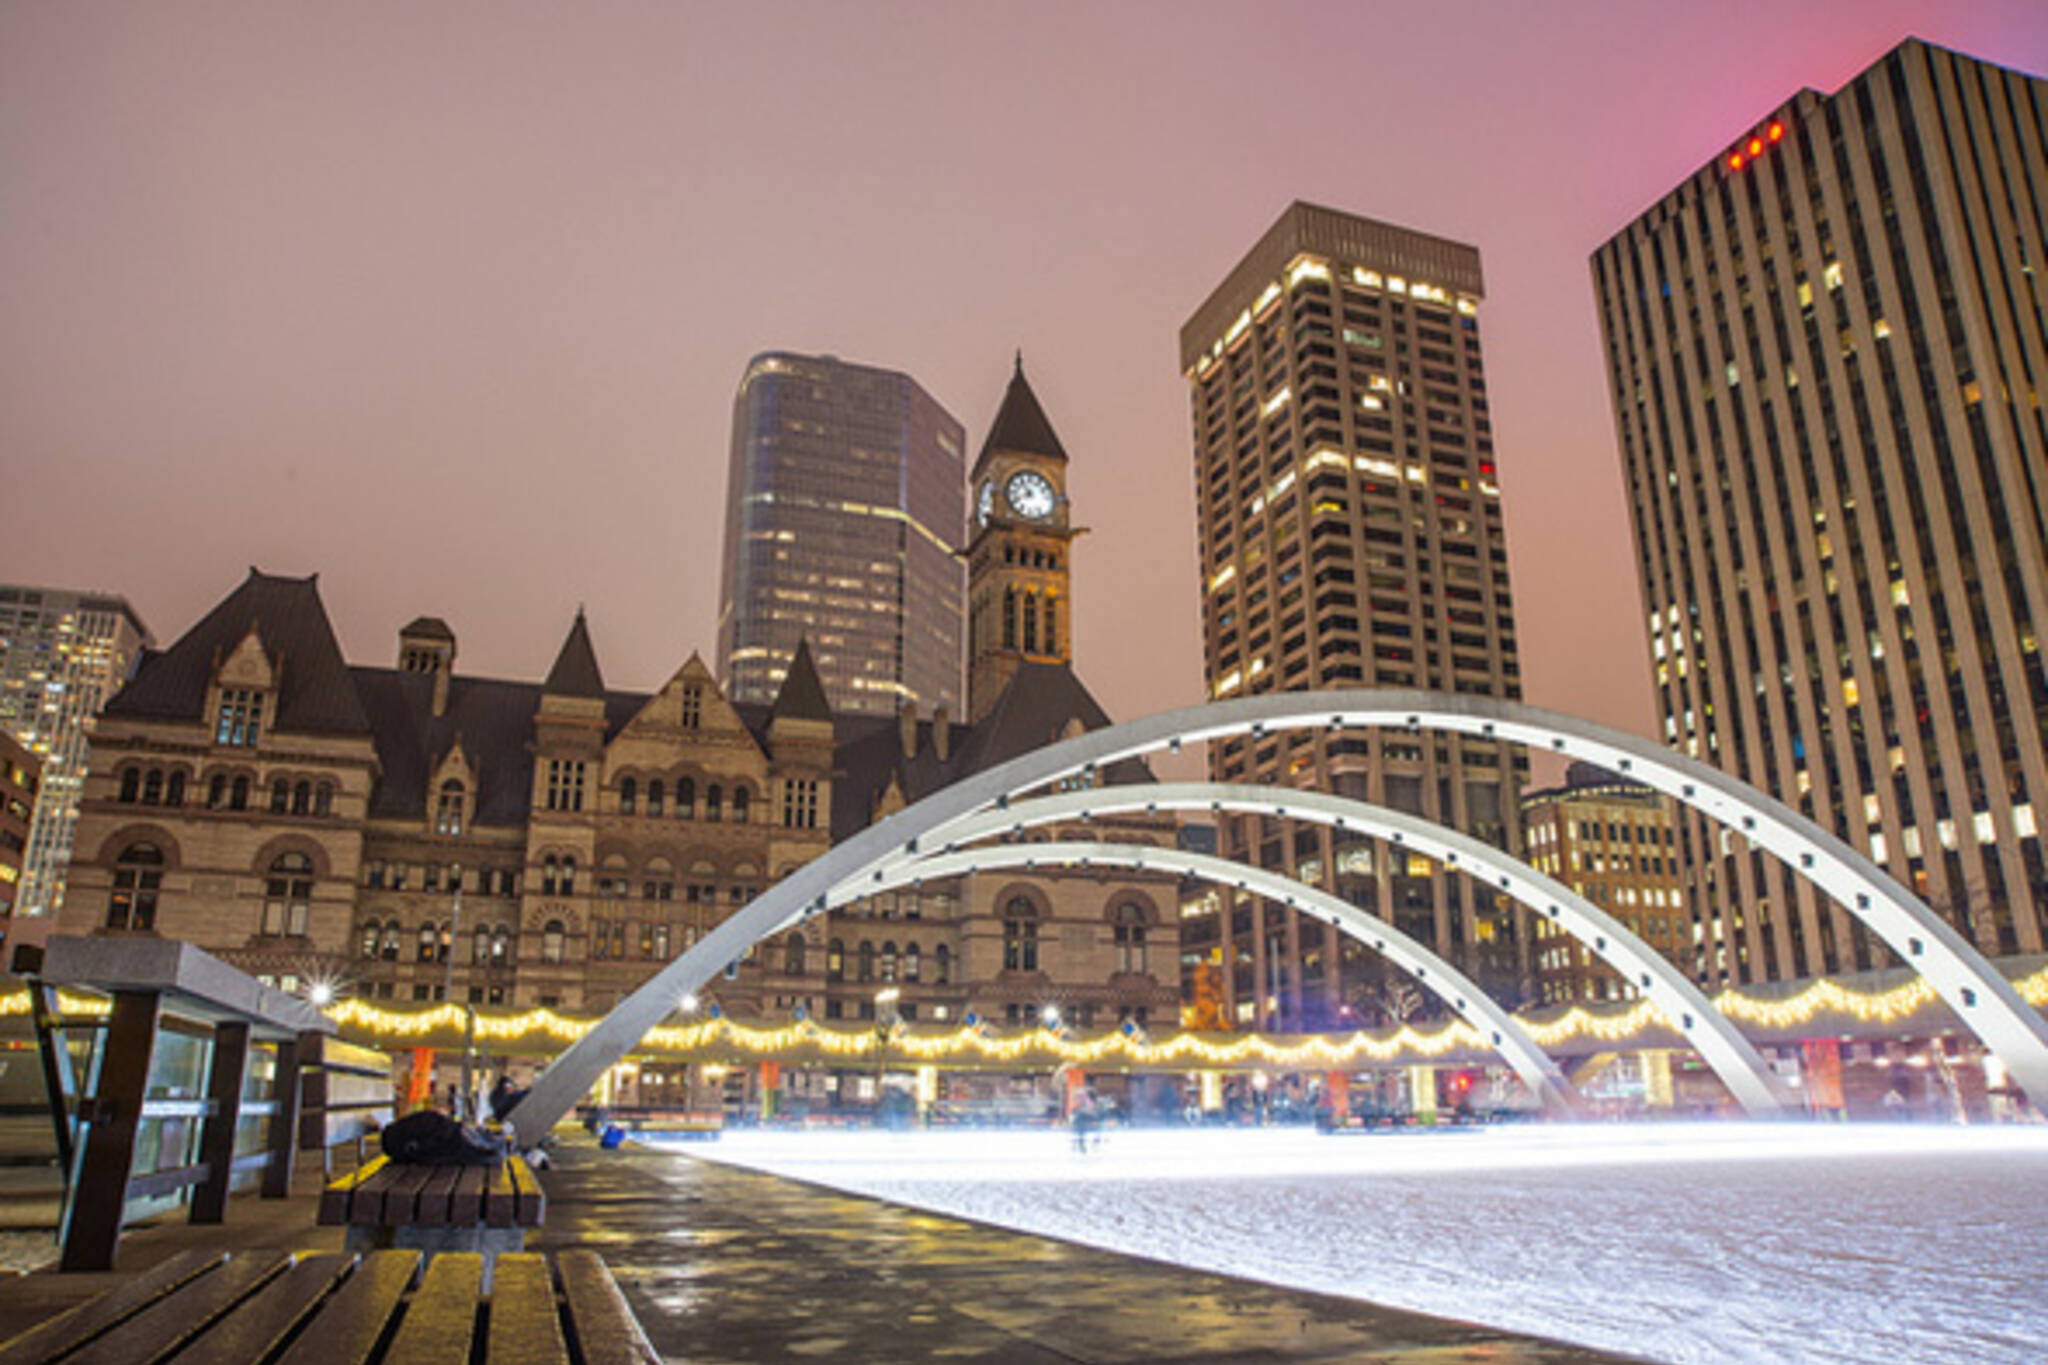 City Hall Toronto Ice Rink